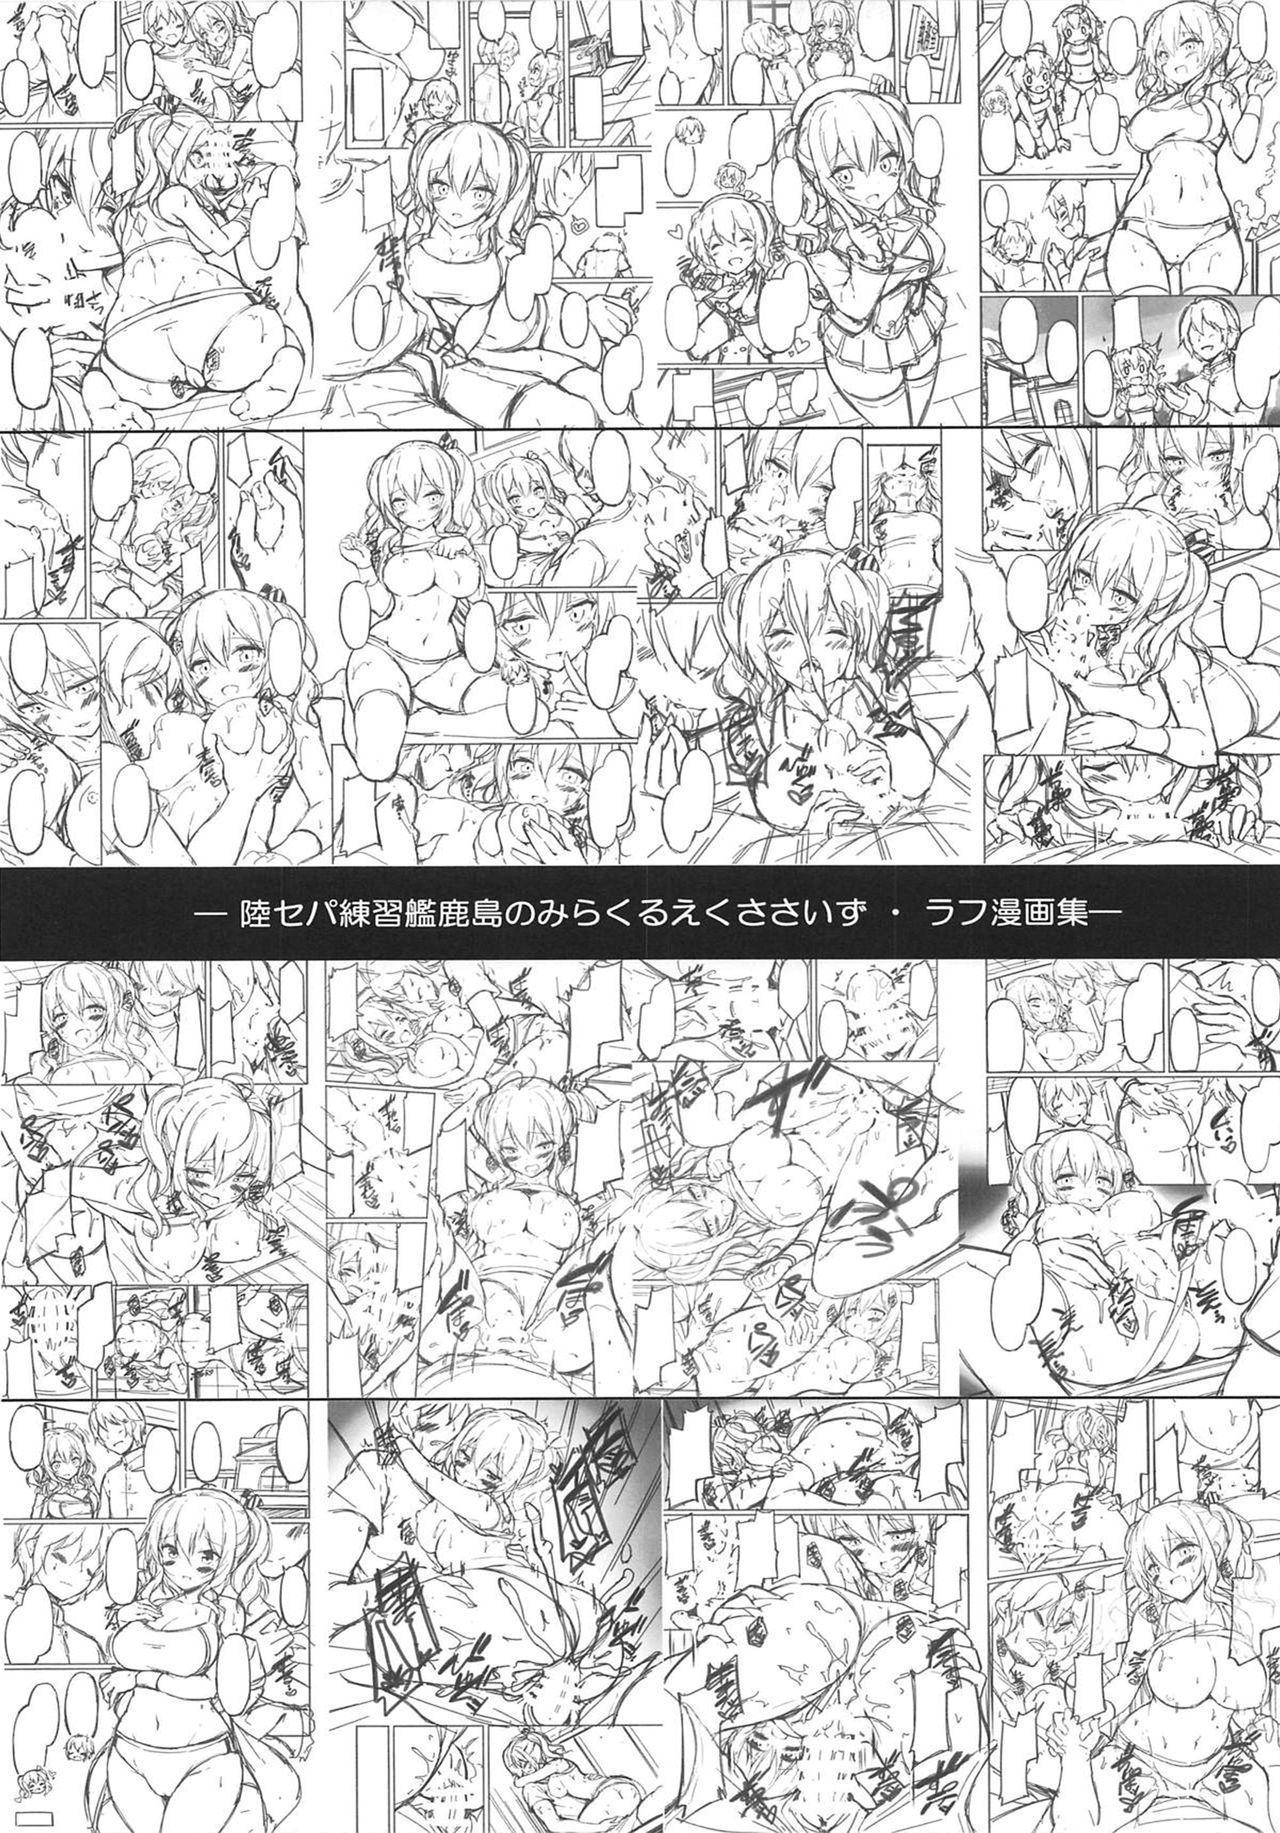 Rikusepa Renshuukan Kashima no Miracle Exercise 18